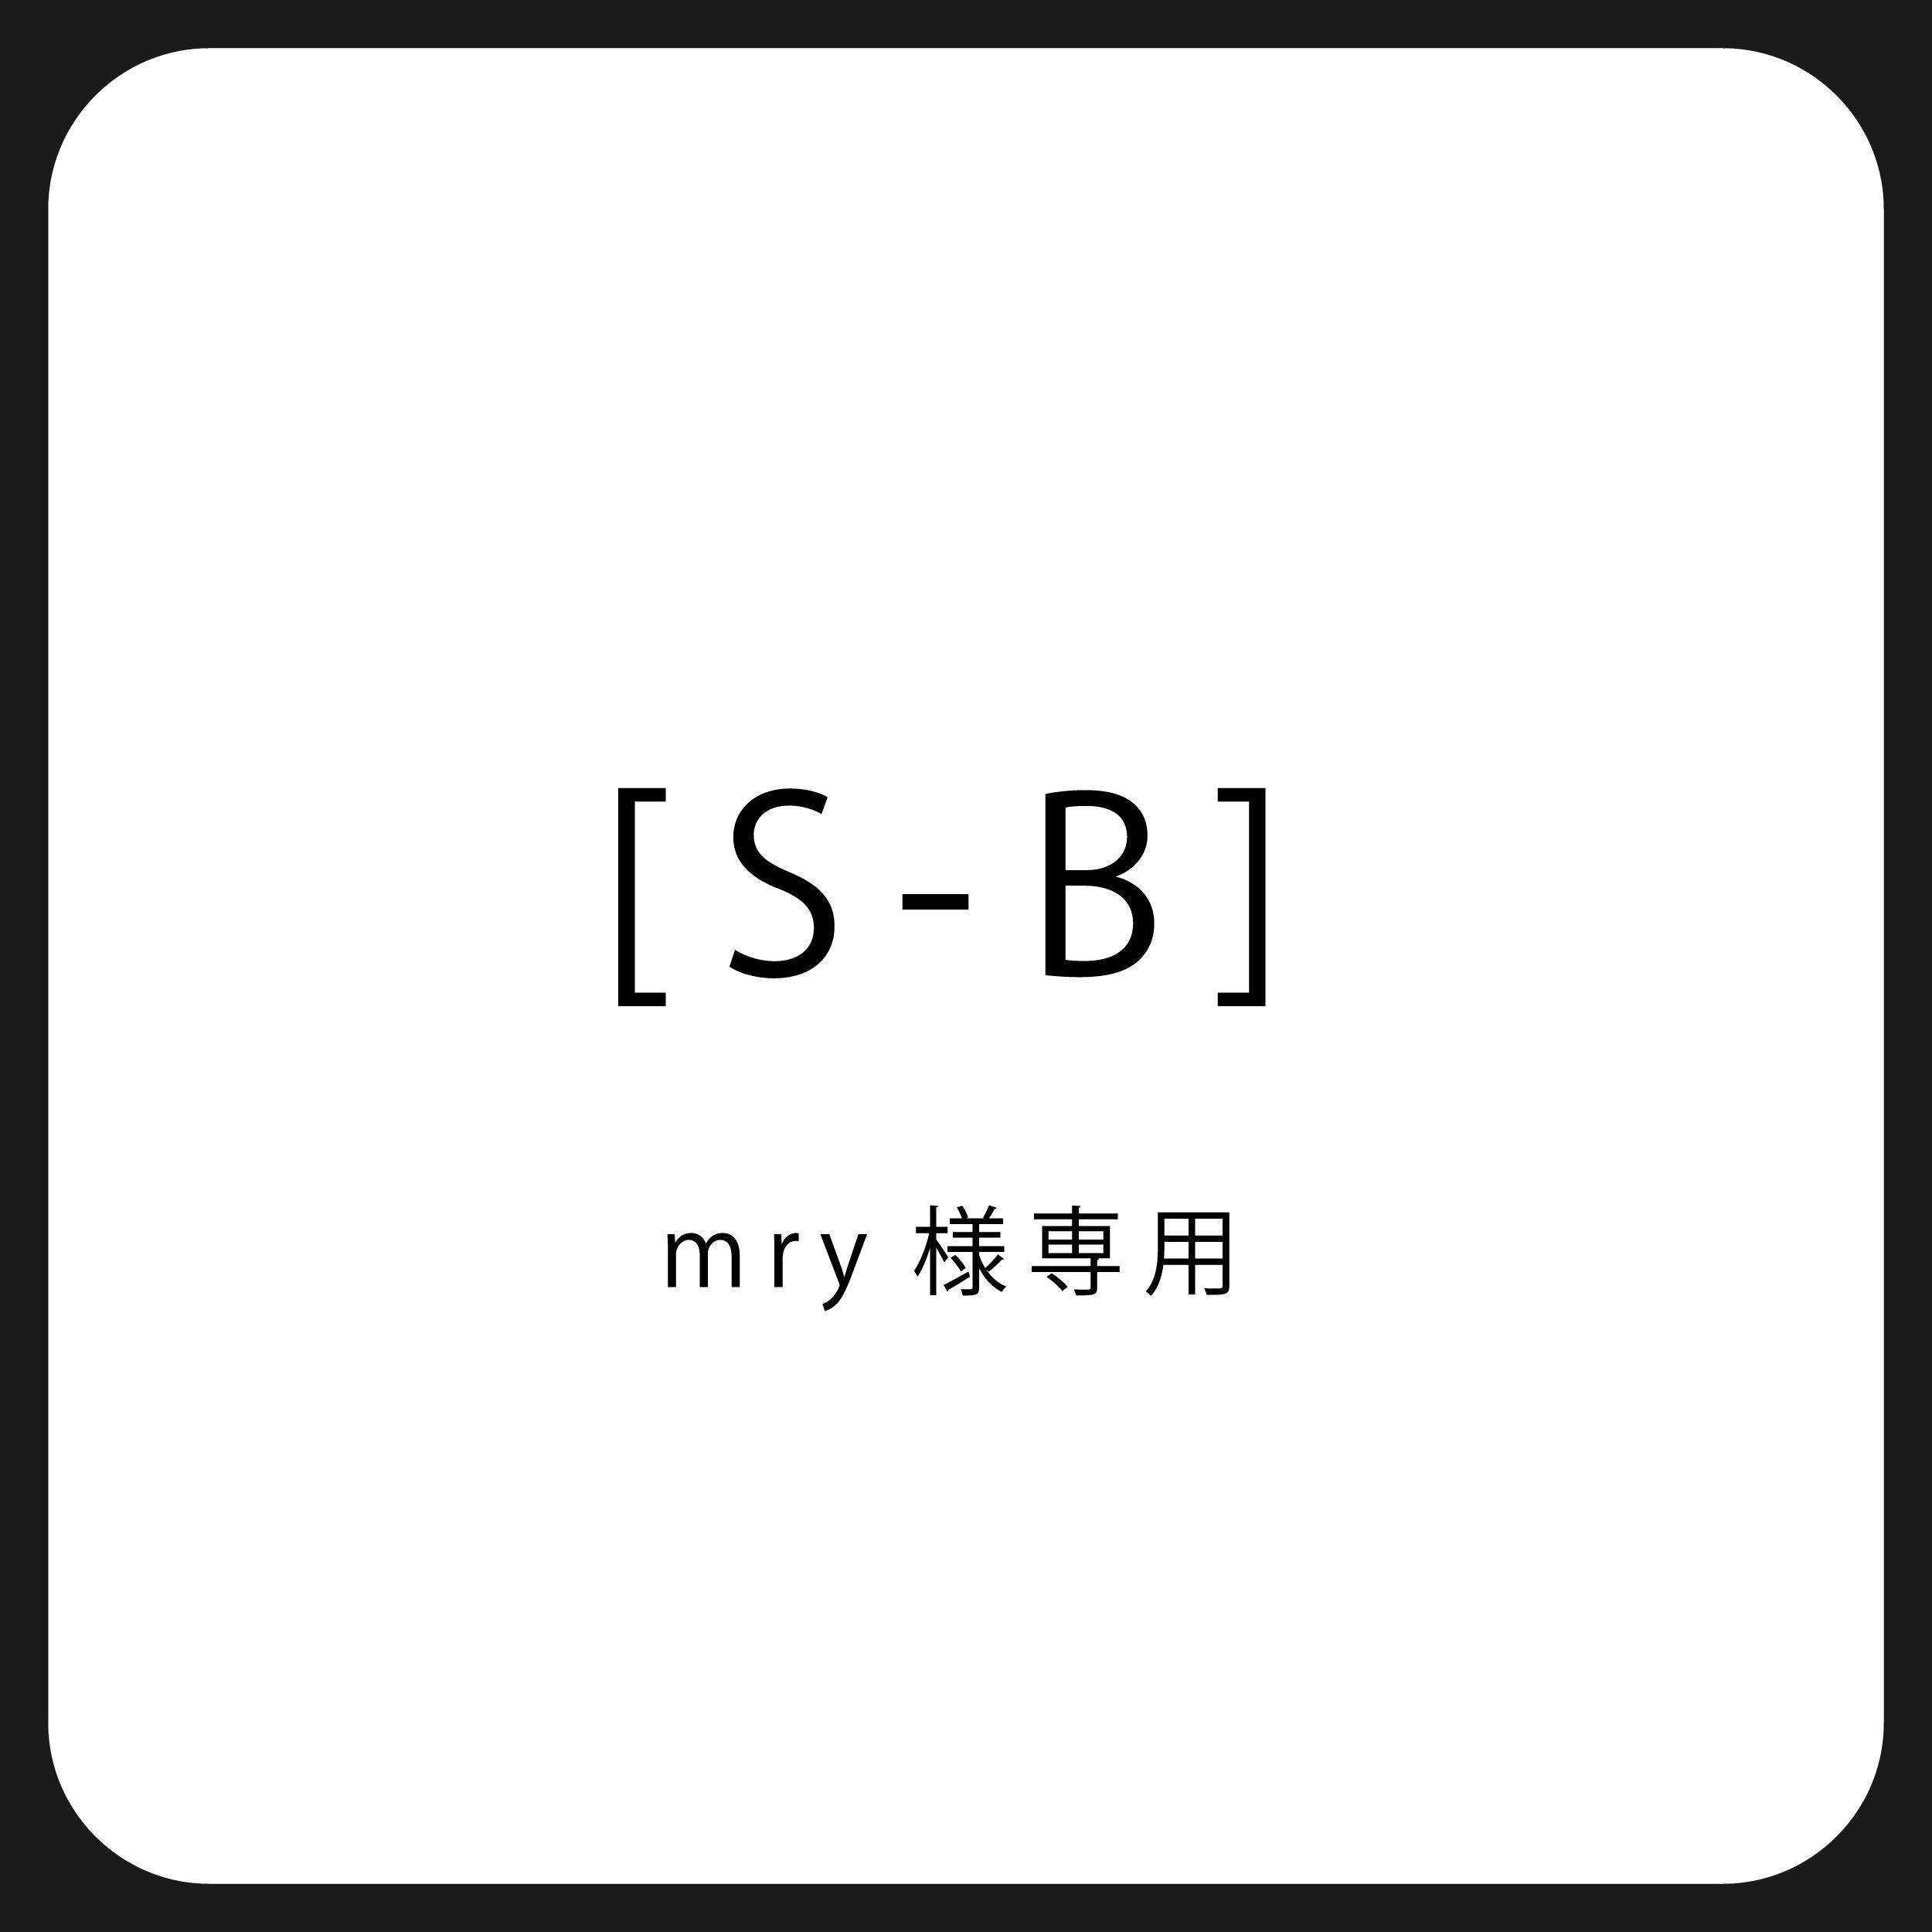 [S-B]mry様専用のイメージその1